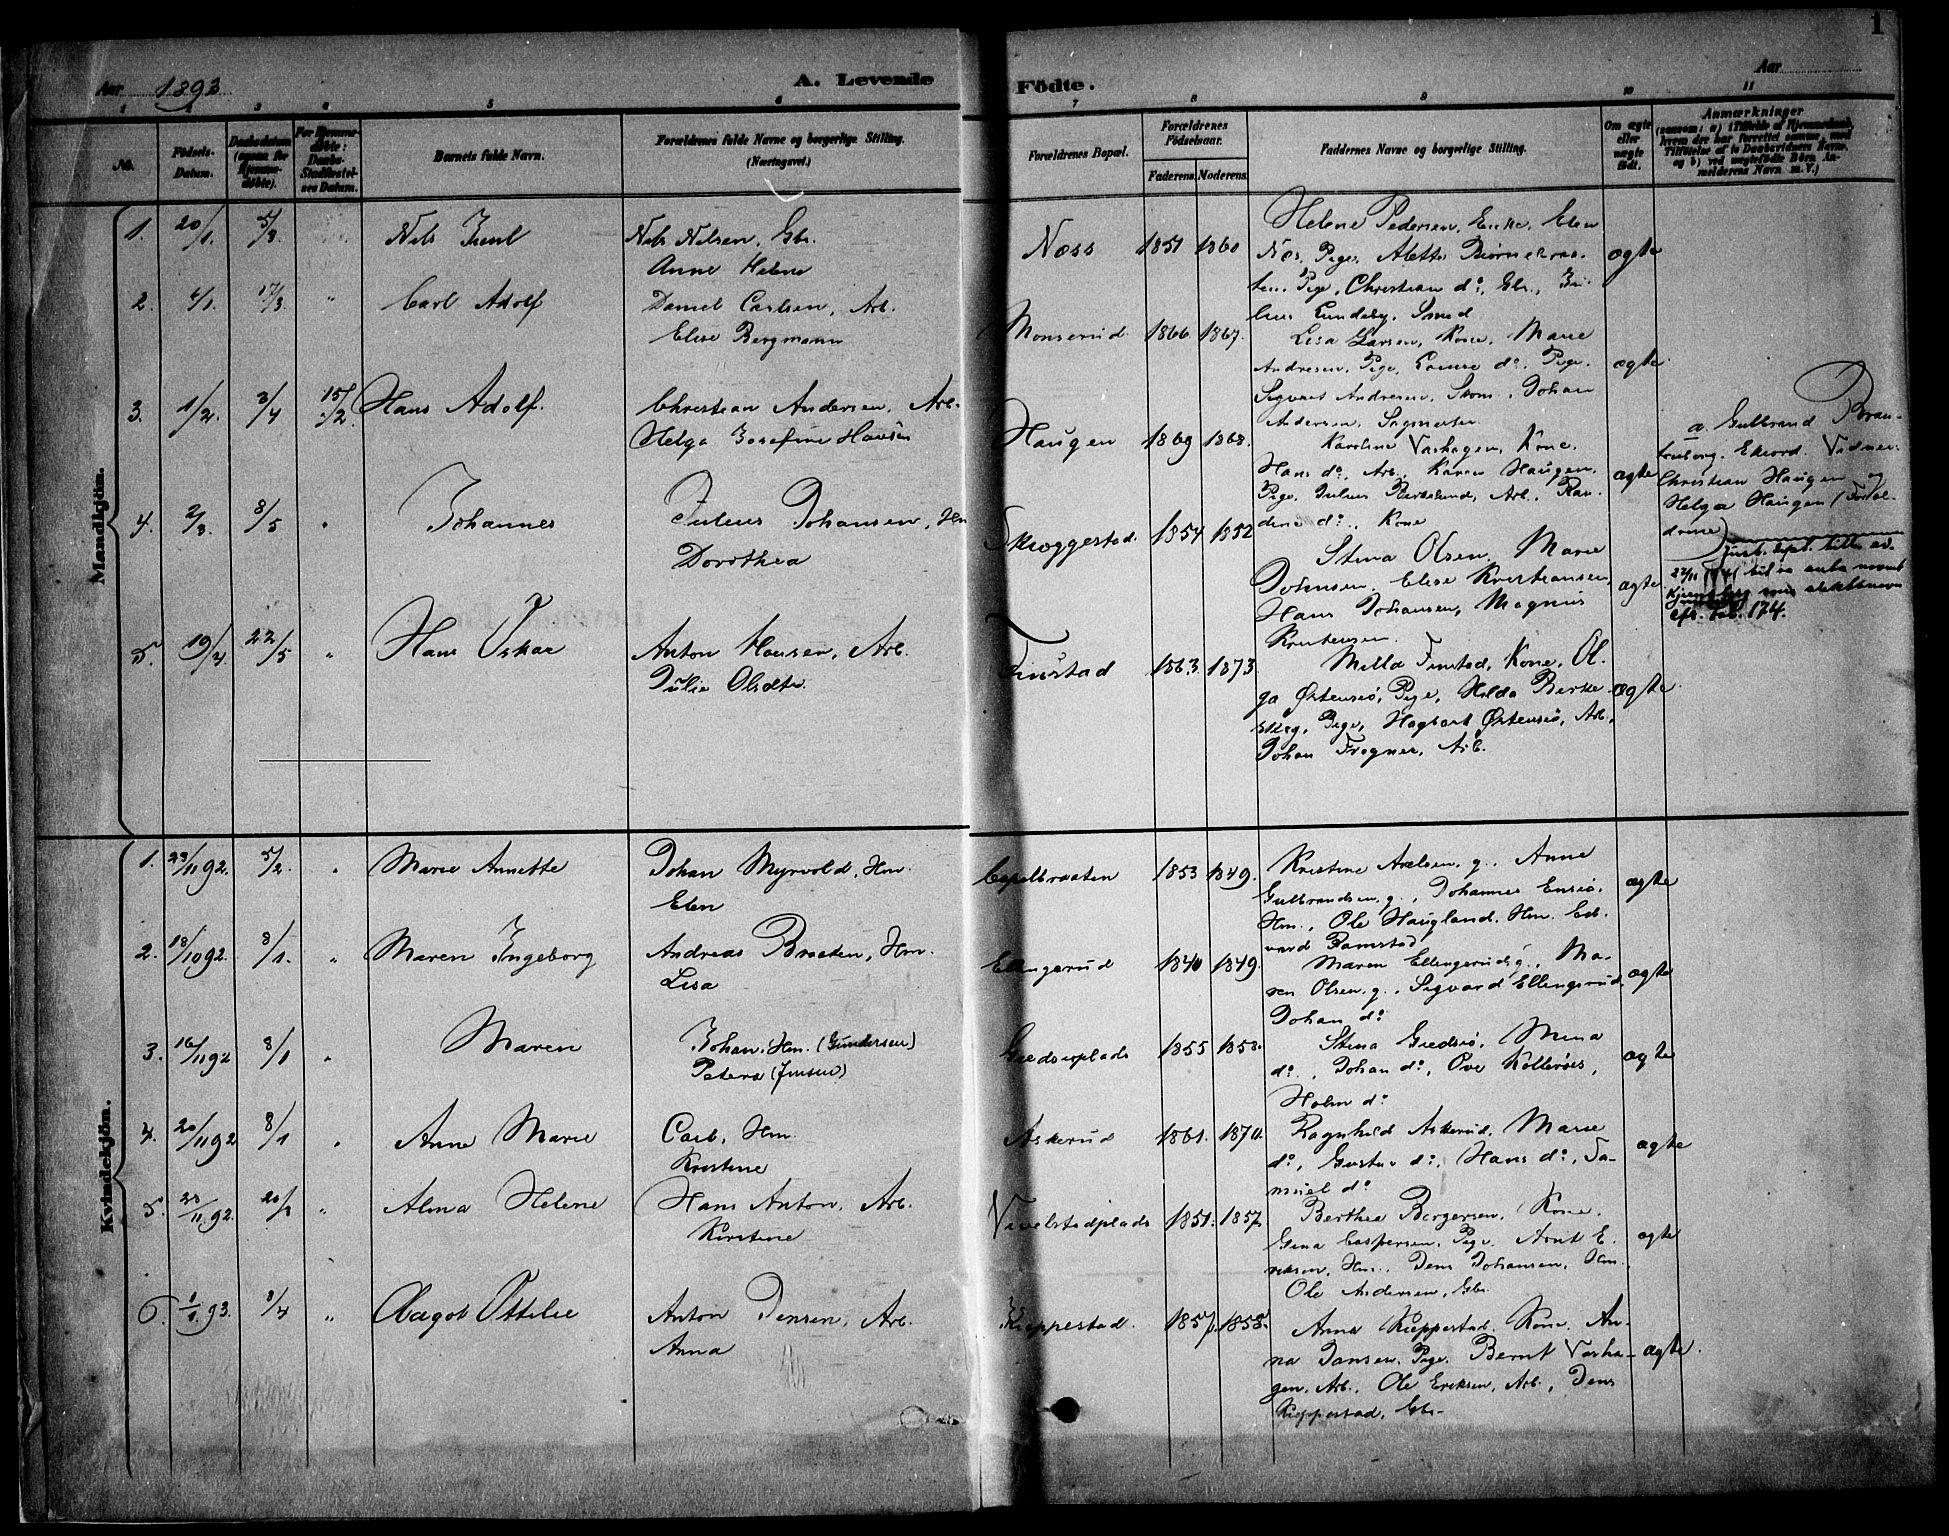 SAO, Kråkstad prestekontor Kirkebøker, F/Fb/L0002: Ministerialbok nr. II 2, 1893-1917, s. 1